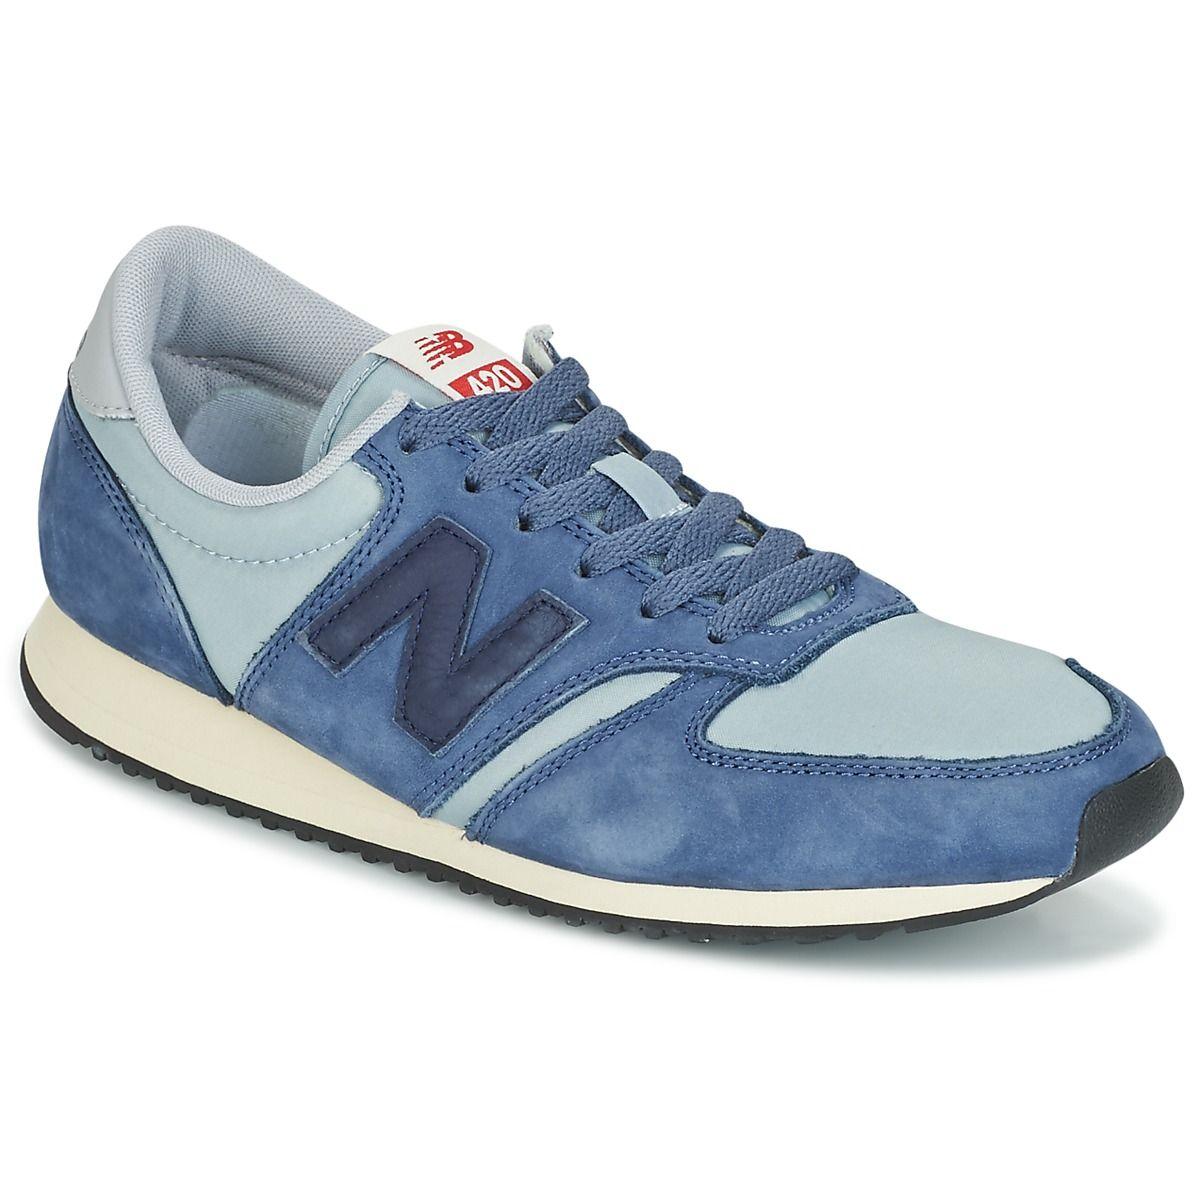 scarpe donna ginnastica new balance in offerta